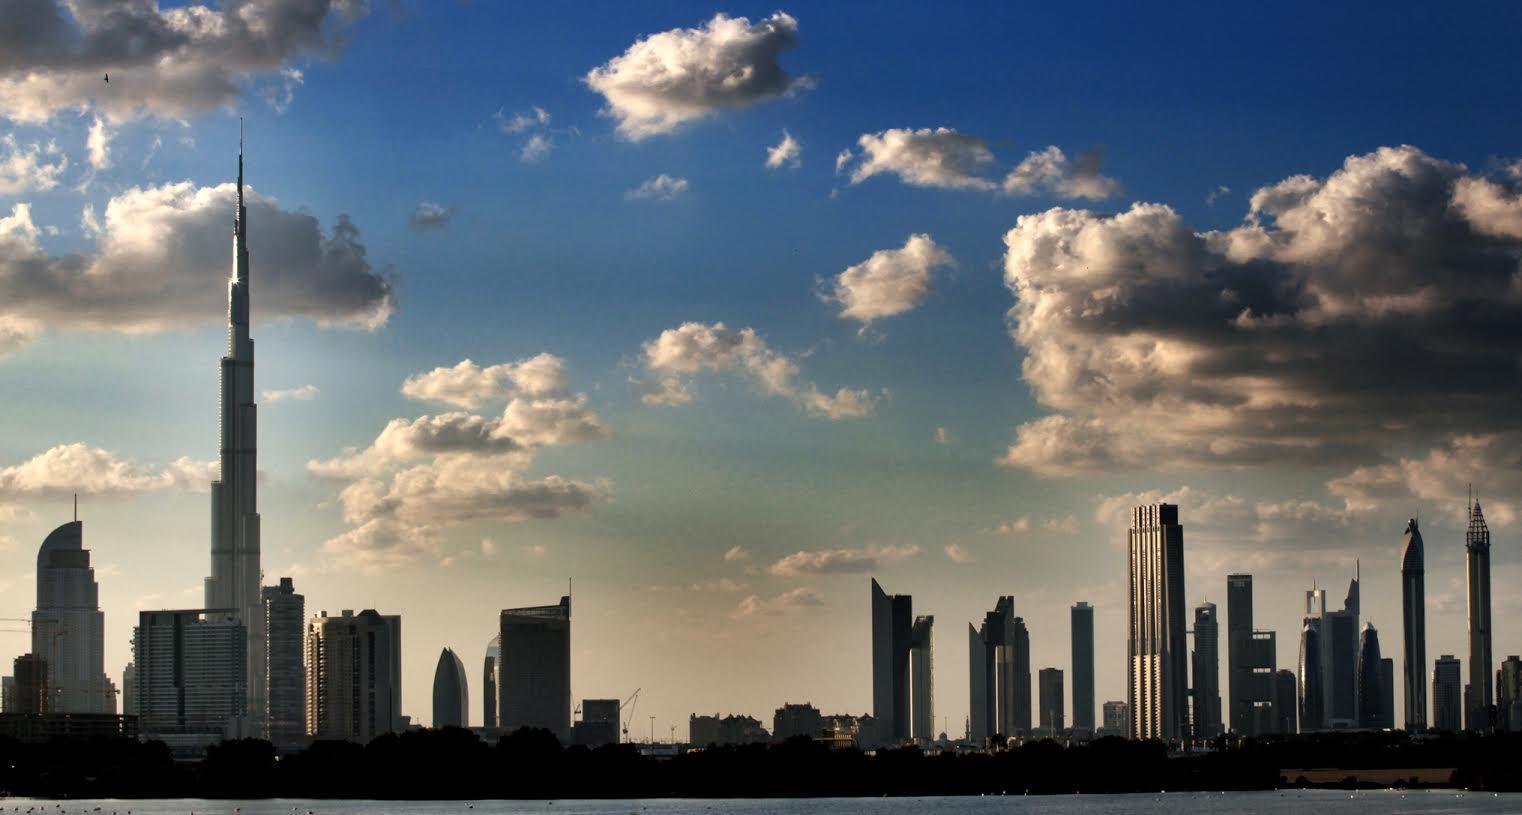 عائدات التأجير السنوي للشقق السكنية اكبر من الفلل في دبي